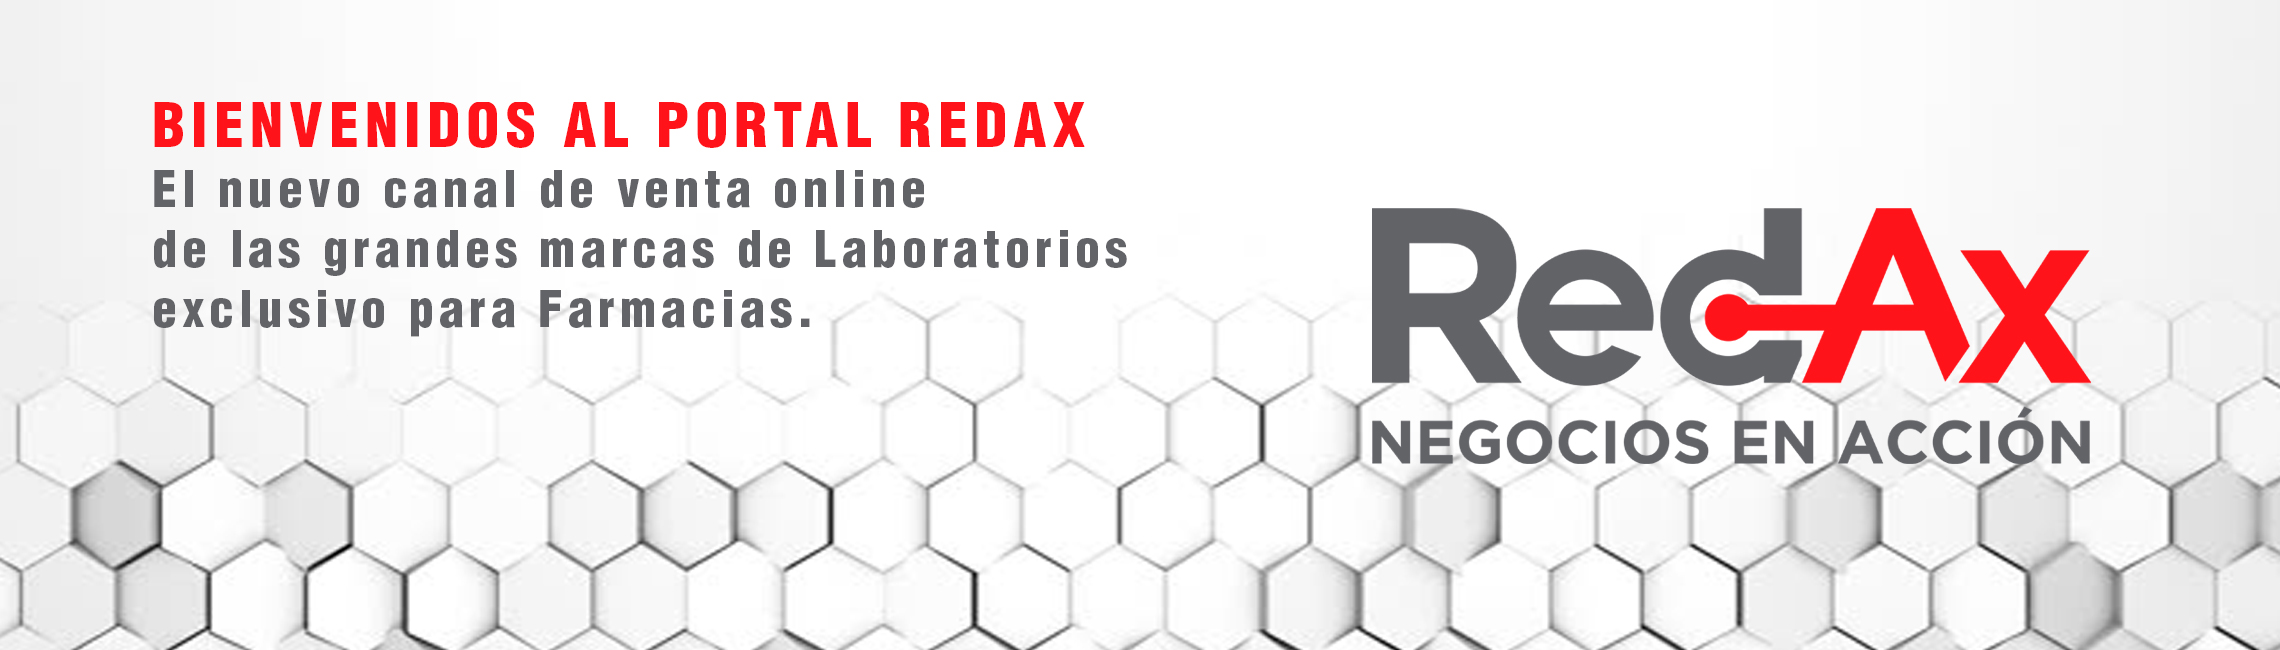 Portal Redax